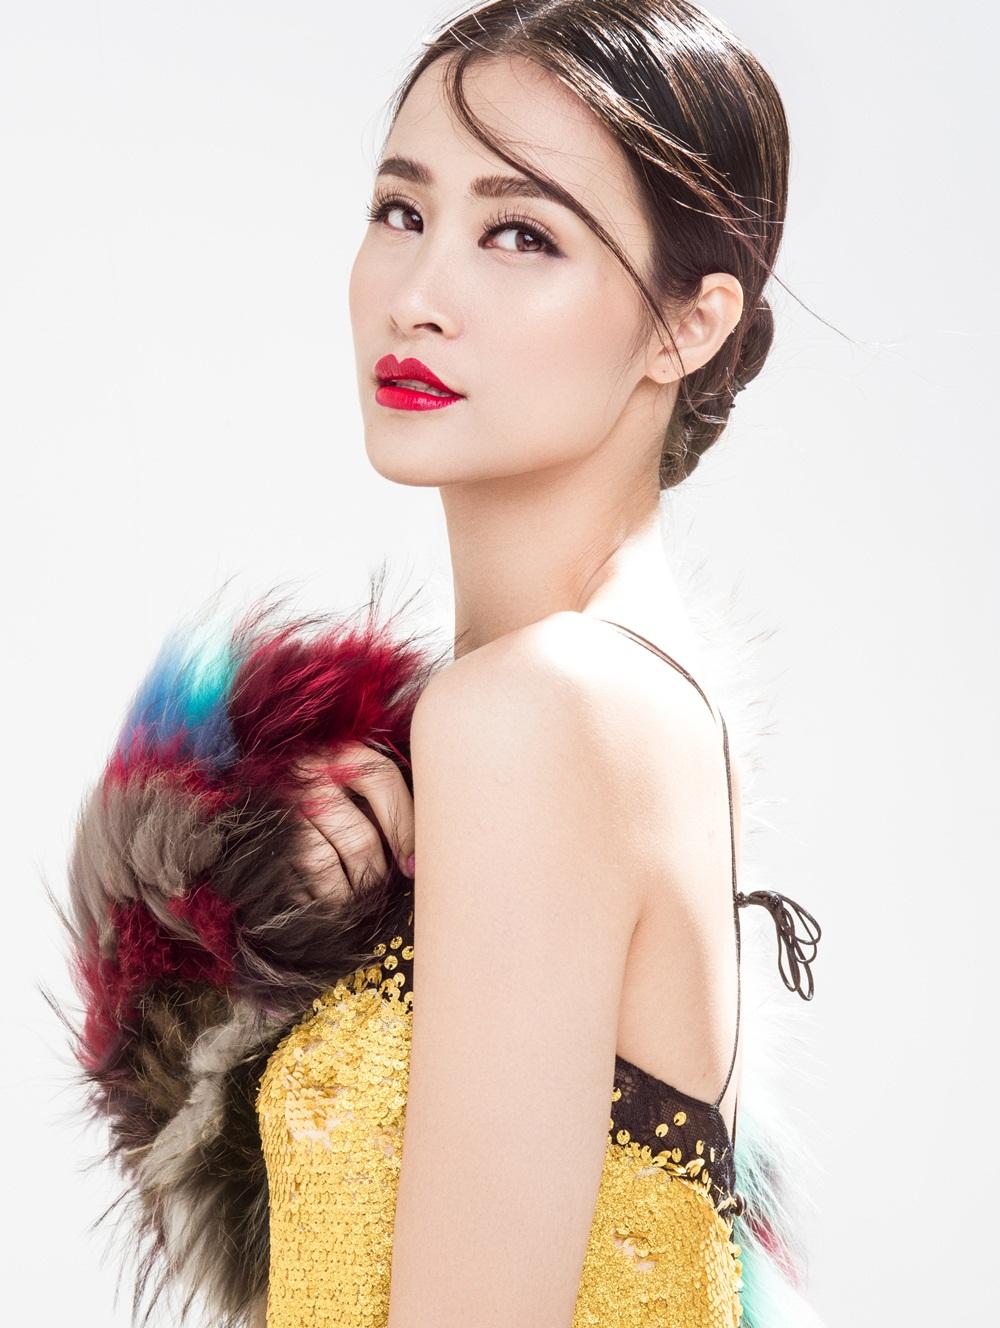 """Để Han Sara, LipB, Uni5 dần có được chỗ đứng nhất định trong lòng khán giả cũng như trên """"bản đồ"""" nhạc Việt như hiện nay, tâm huyết mà cô bỏ ra hẳn không hề đơn giản."""